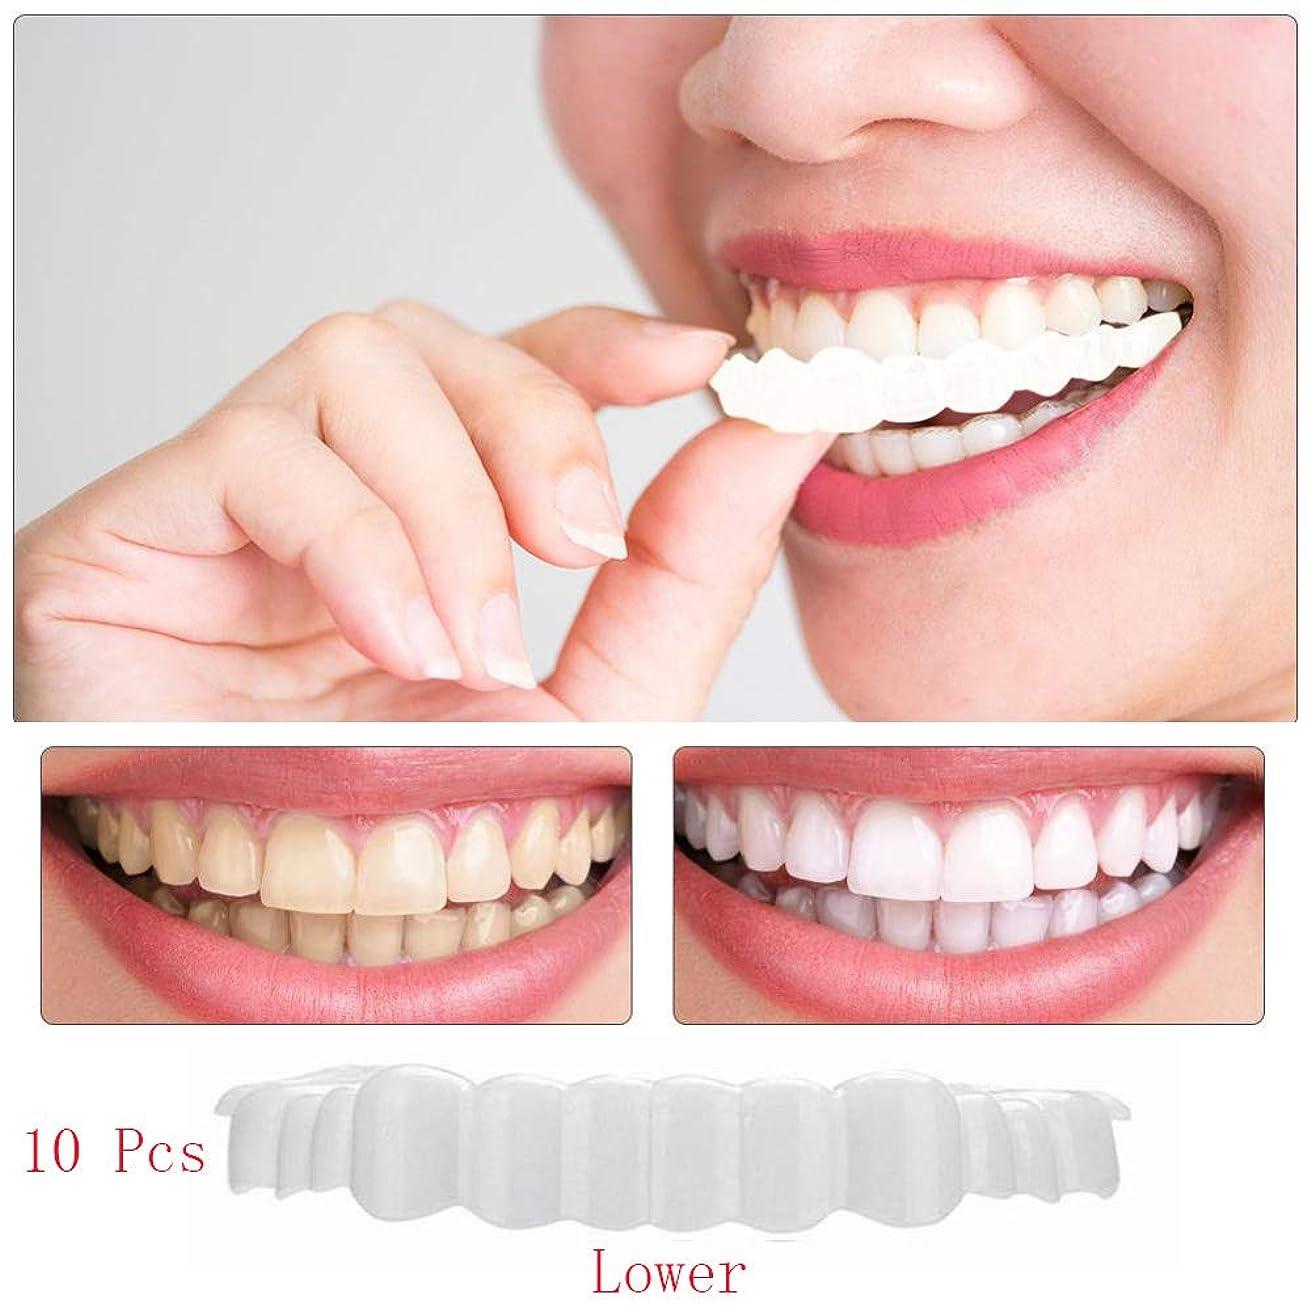 北と遊ぶ弱める10ピース模擬快適歯下ホワイトニング歯化粧品歯科用化粧品義歯カバーケアクリエイティブ歯一時的な笑顔義歯